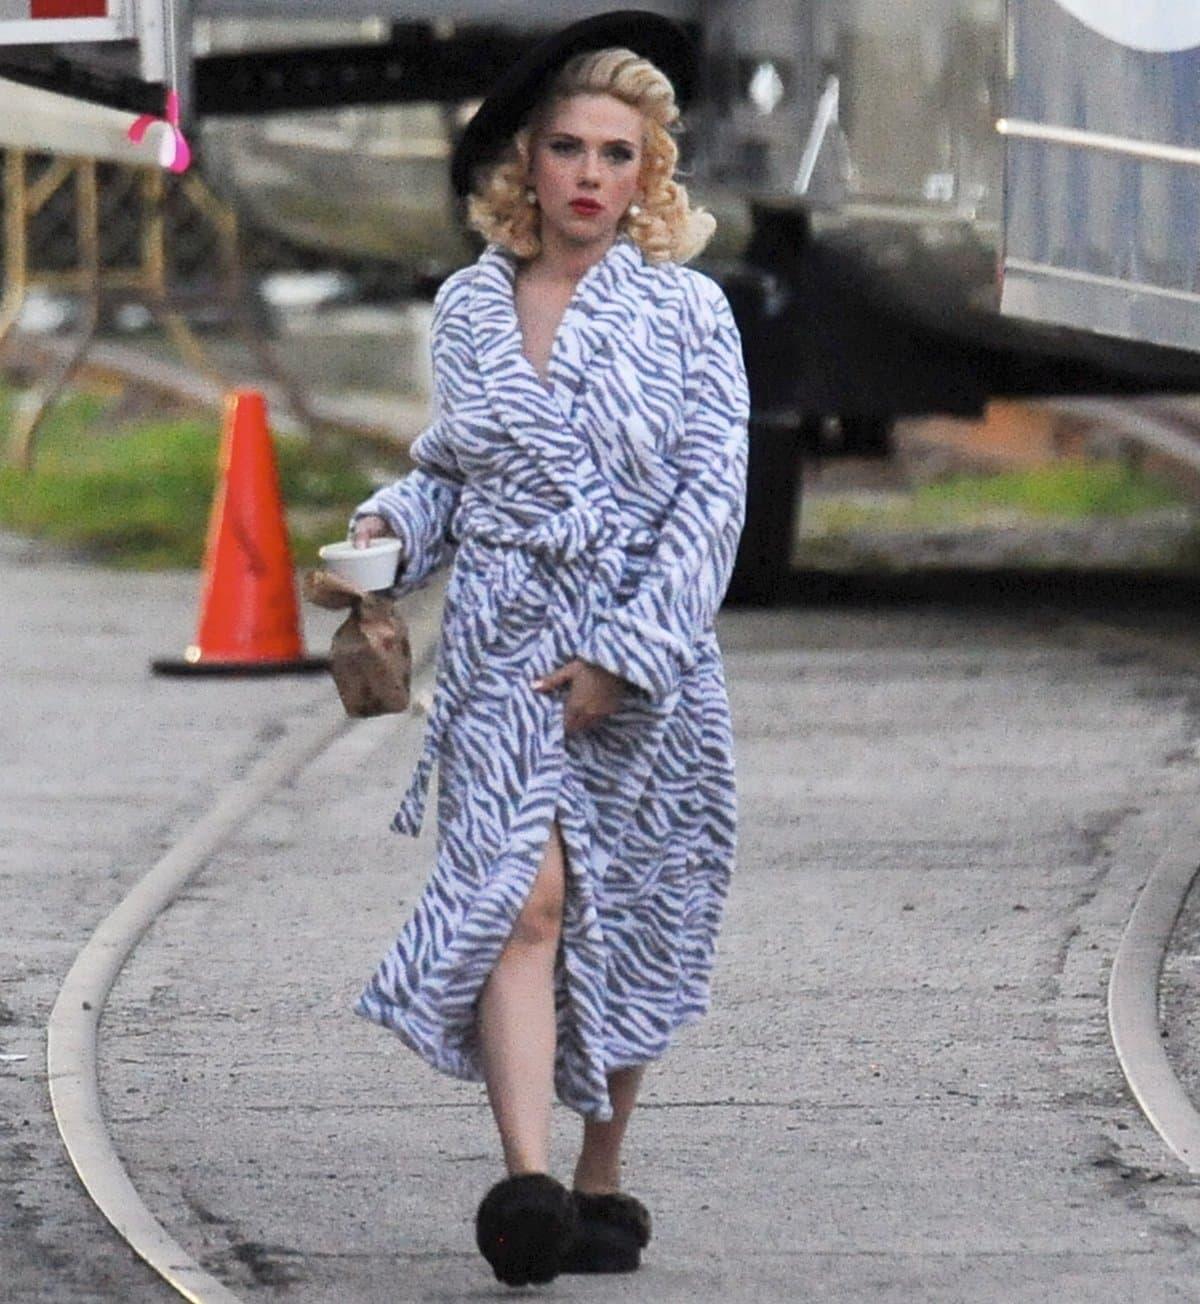 Blonde bombshell Scarlett Johansson wears a zebra print bathrobe on the set of Hail, Caesar!